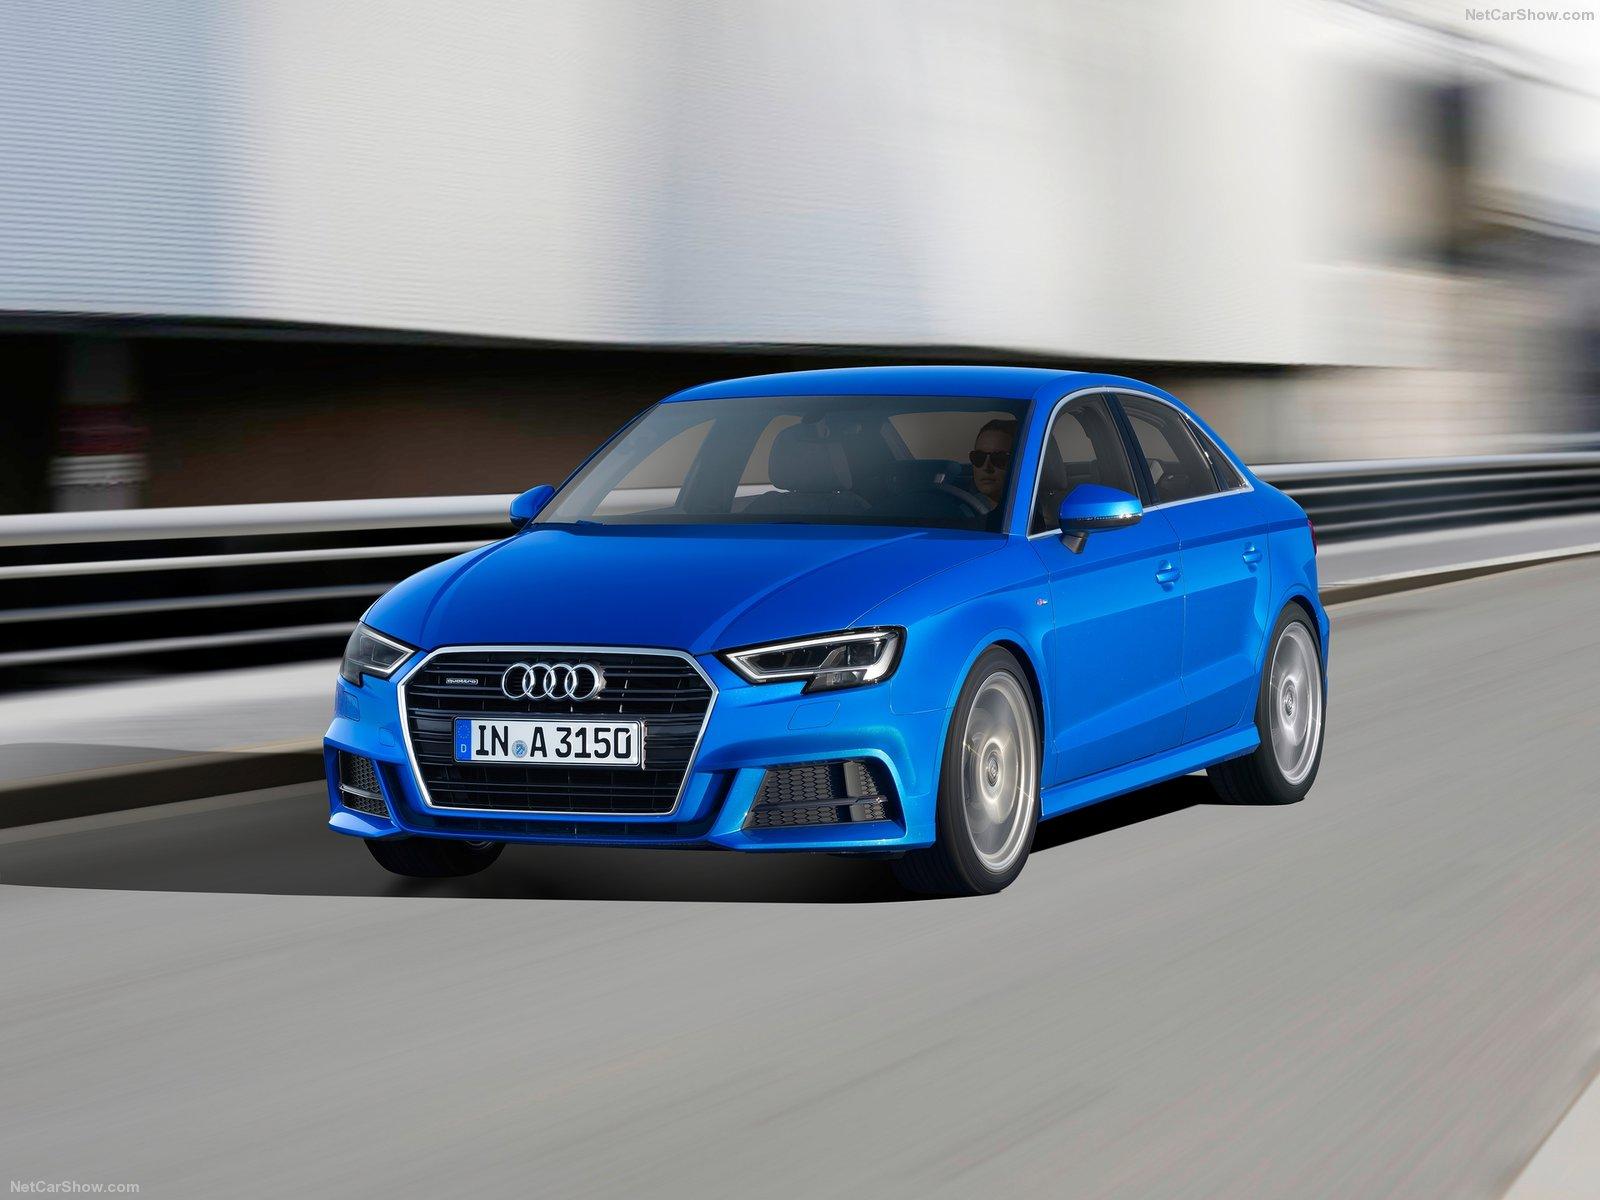 Новый Audi A3 2017 — комплектации, цены, фото и характеристики